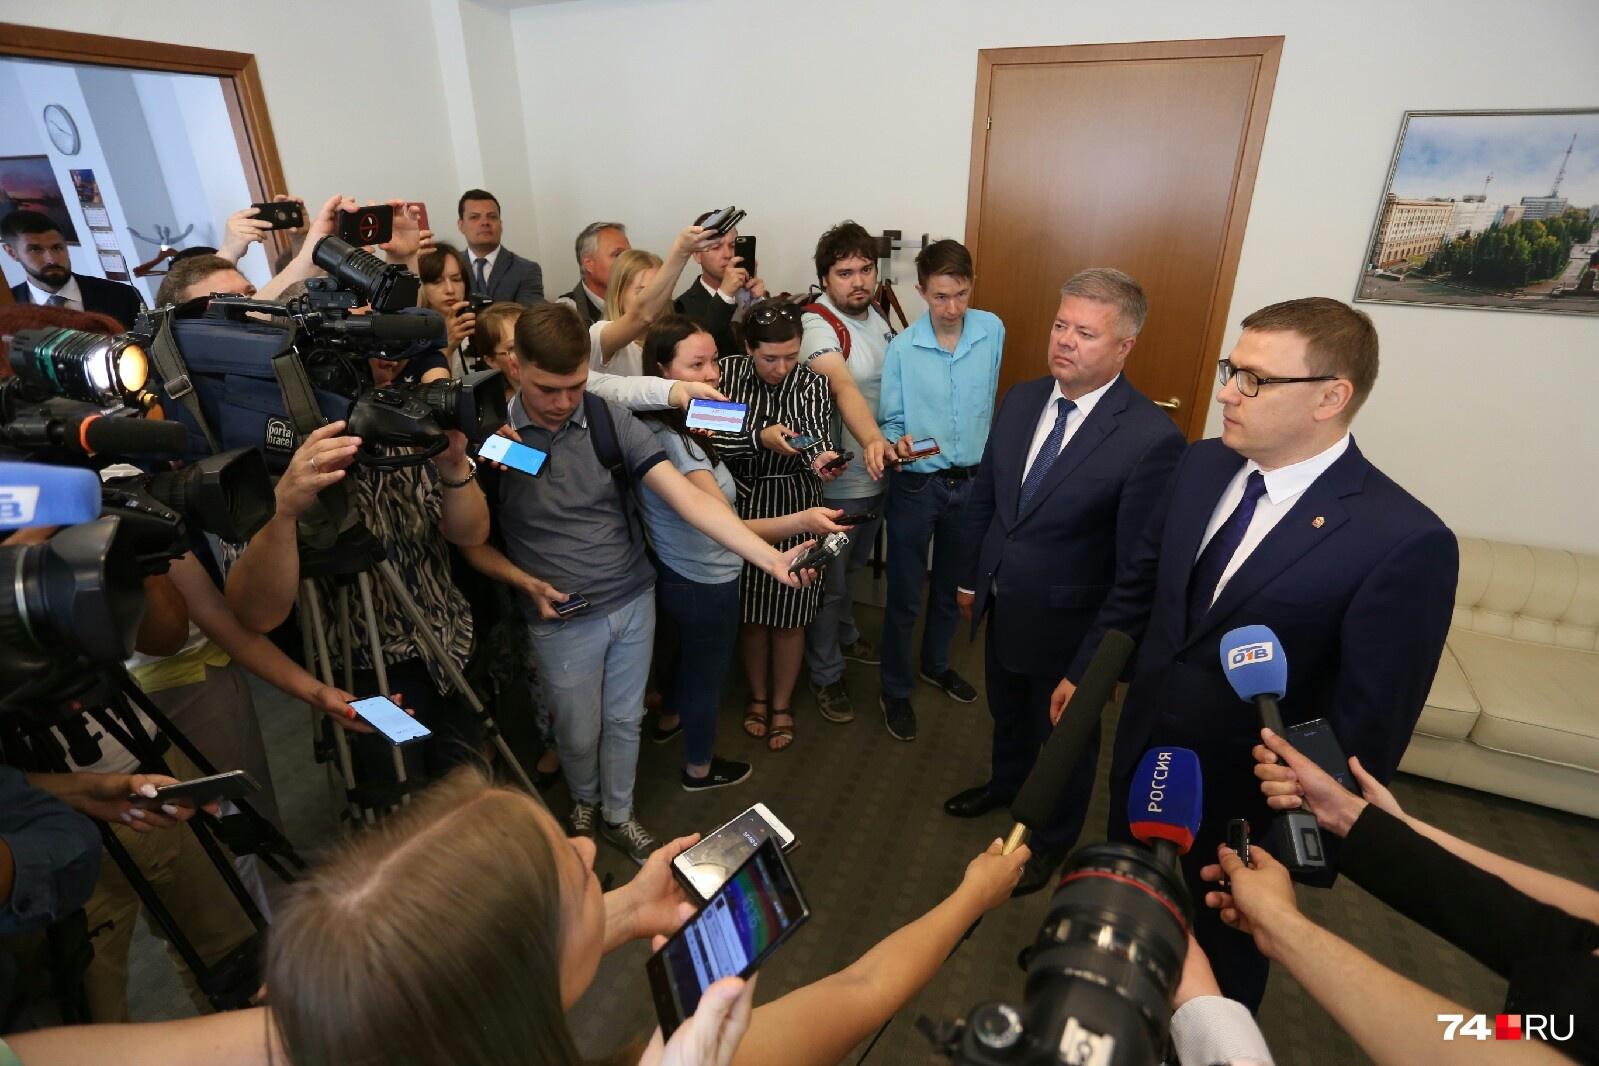 Алексей Текслер (справа) на подходе к прессе объяснил, что отставка главы города была его инициативой